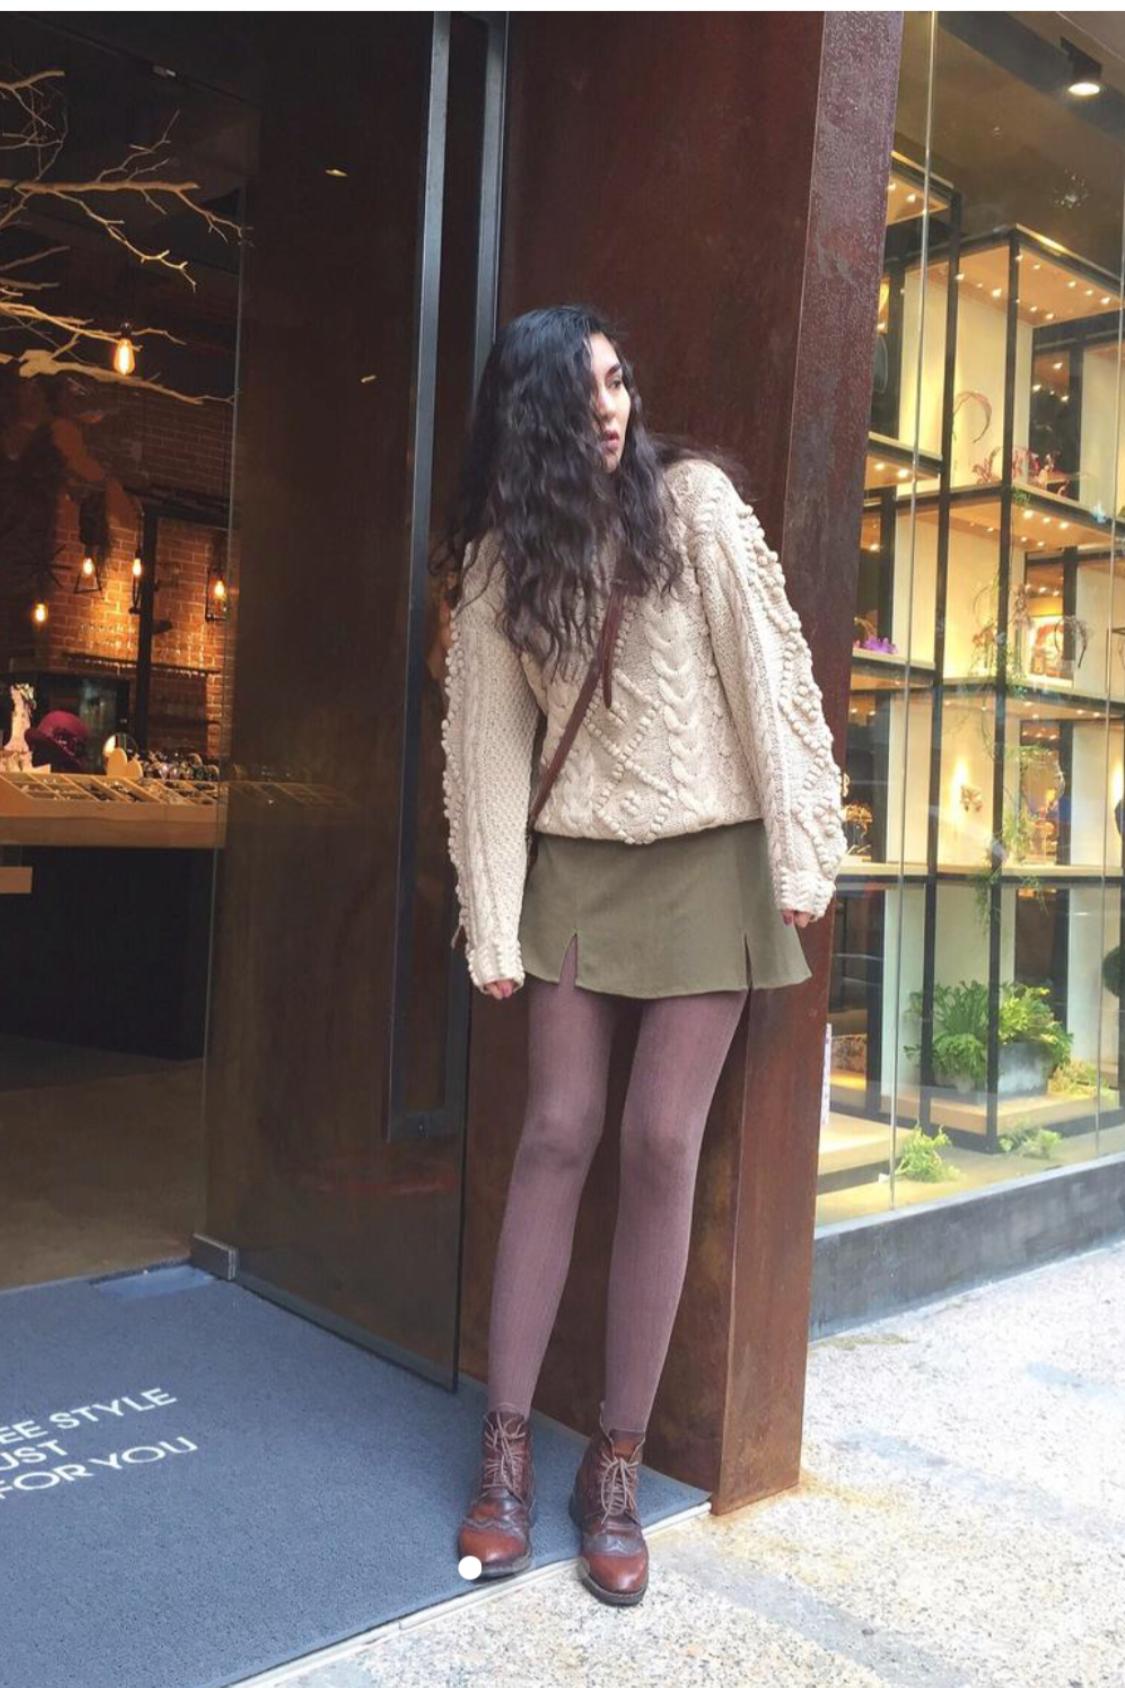 #UR摩登秋冬之旅# 乳白色手工毛衣很显质感 打配了军绿色梭织短裙穿了打底袜 很有冬日的感觉 森女系风格的我 其实也很喜欢 很适合软妹子 复古的背包很有年代感 头发弄的复古烫 个人比较喜欢这样的搭配 舒服 有质感 不失女性感